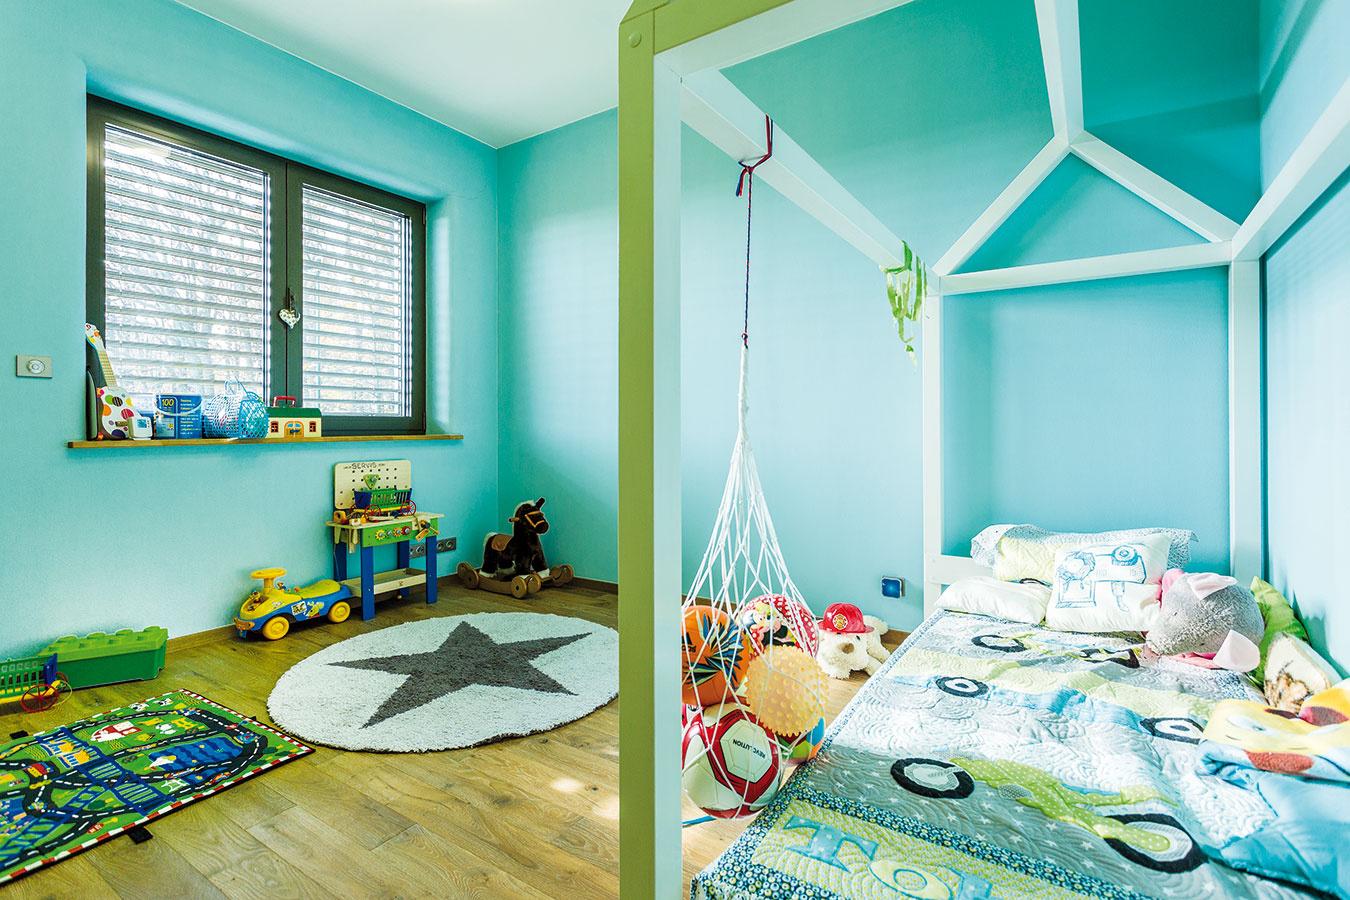 Detské izby sú zariadené prakticky, ale aj hravo. Modrá patrí chlapcovi, dievčenská má steny nafarbené naružovo.